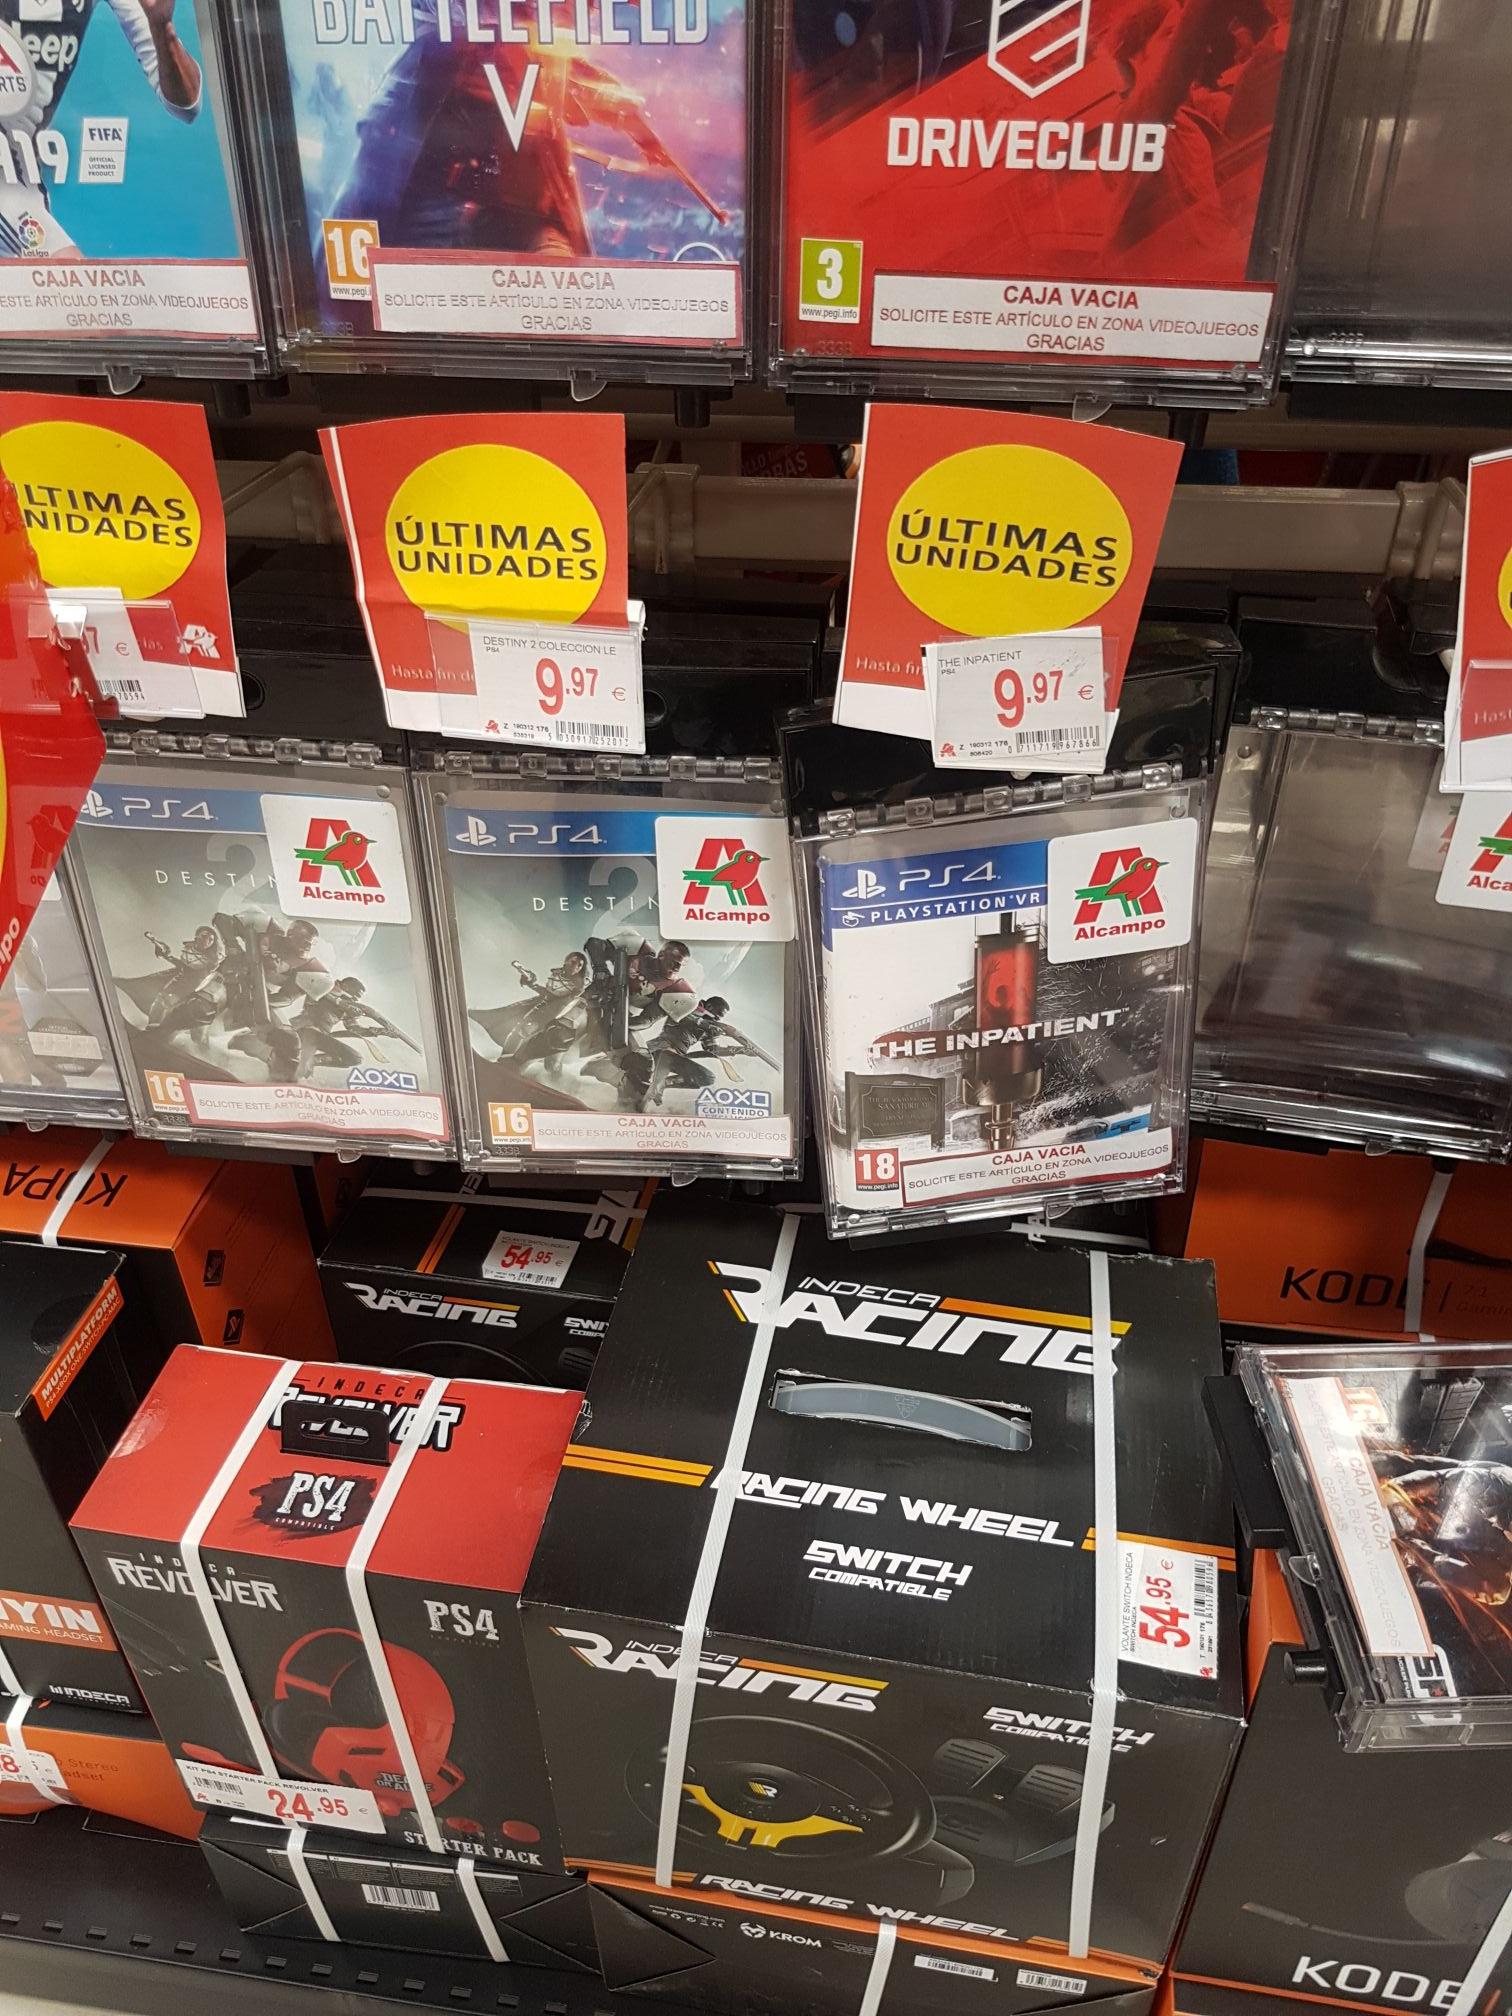 Juegos PS4 últimas unidades en Alcampo!